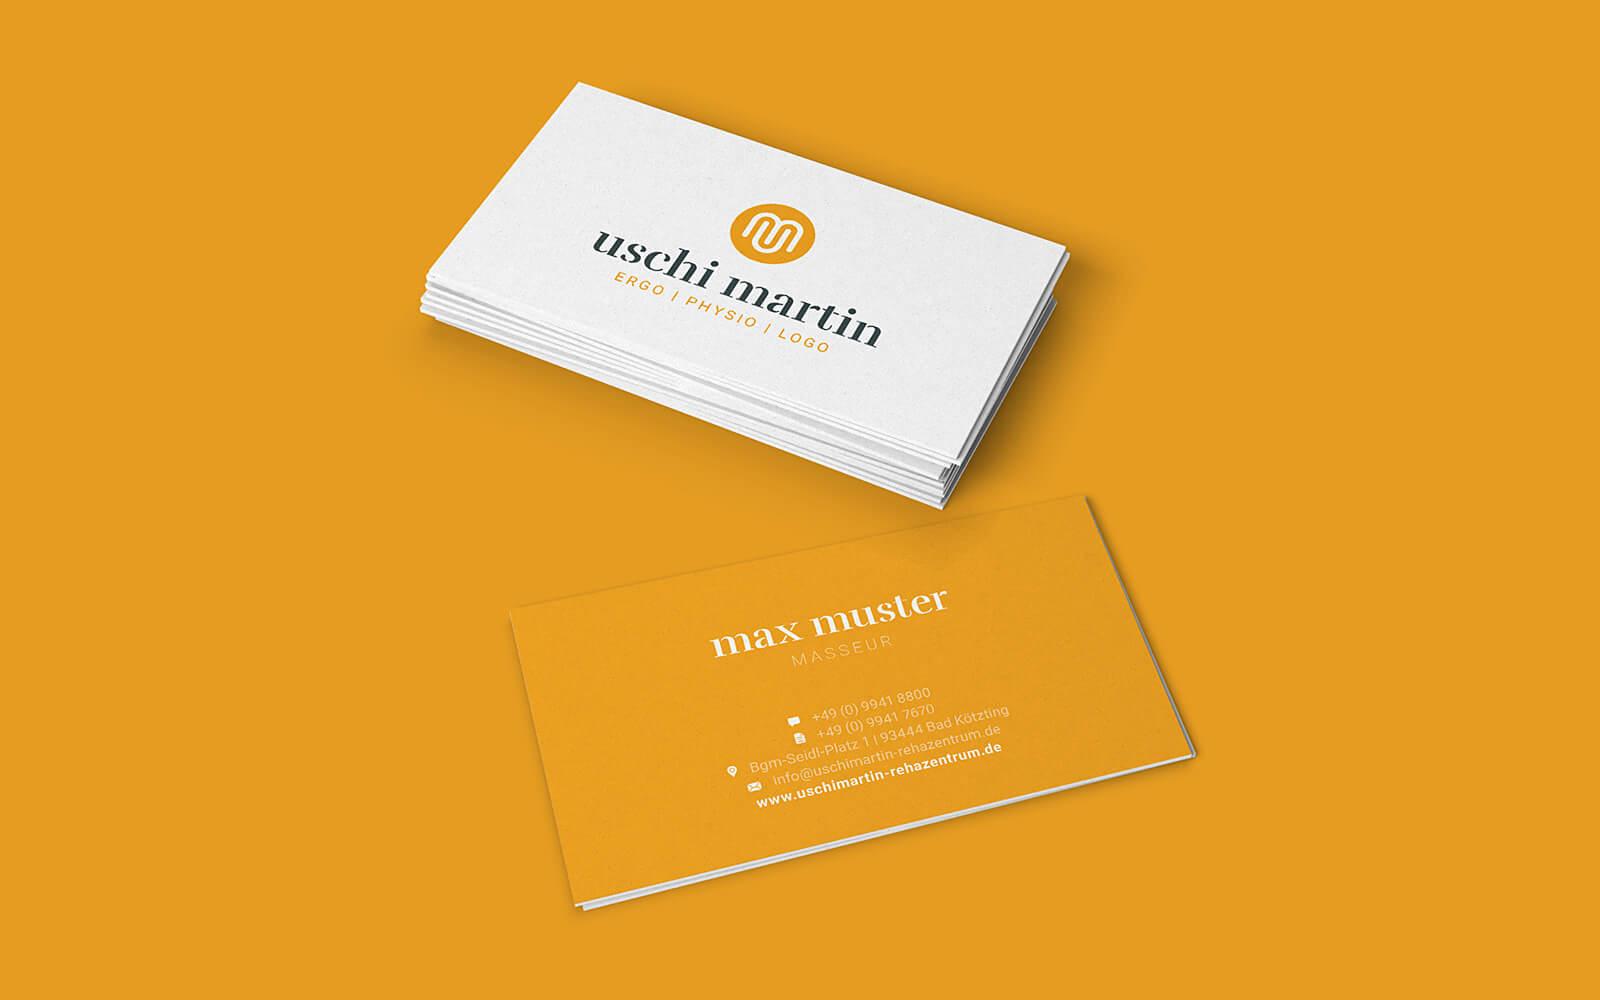 Uschi Martin – Visitenkarten für Ergo, Physio & Logopädie